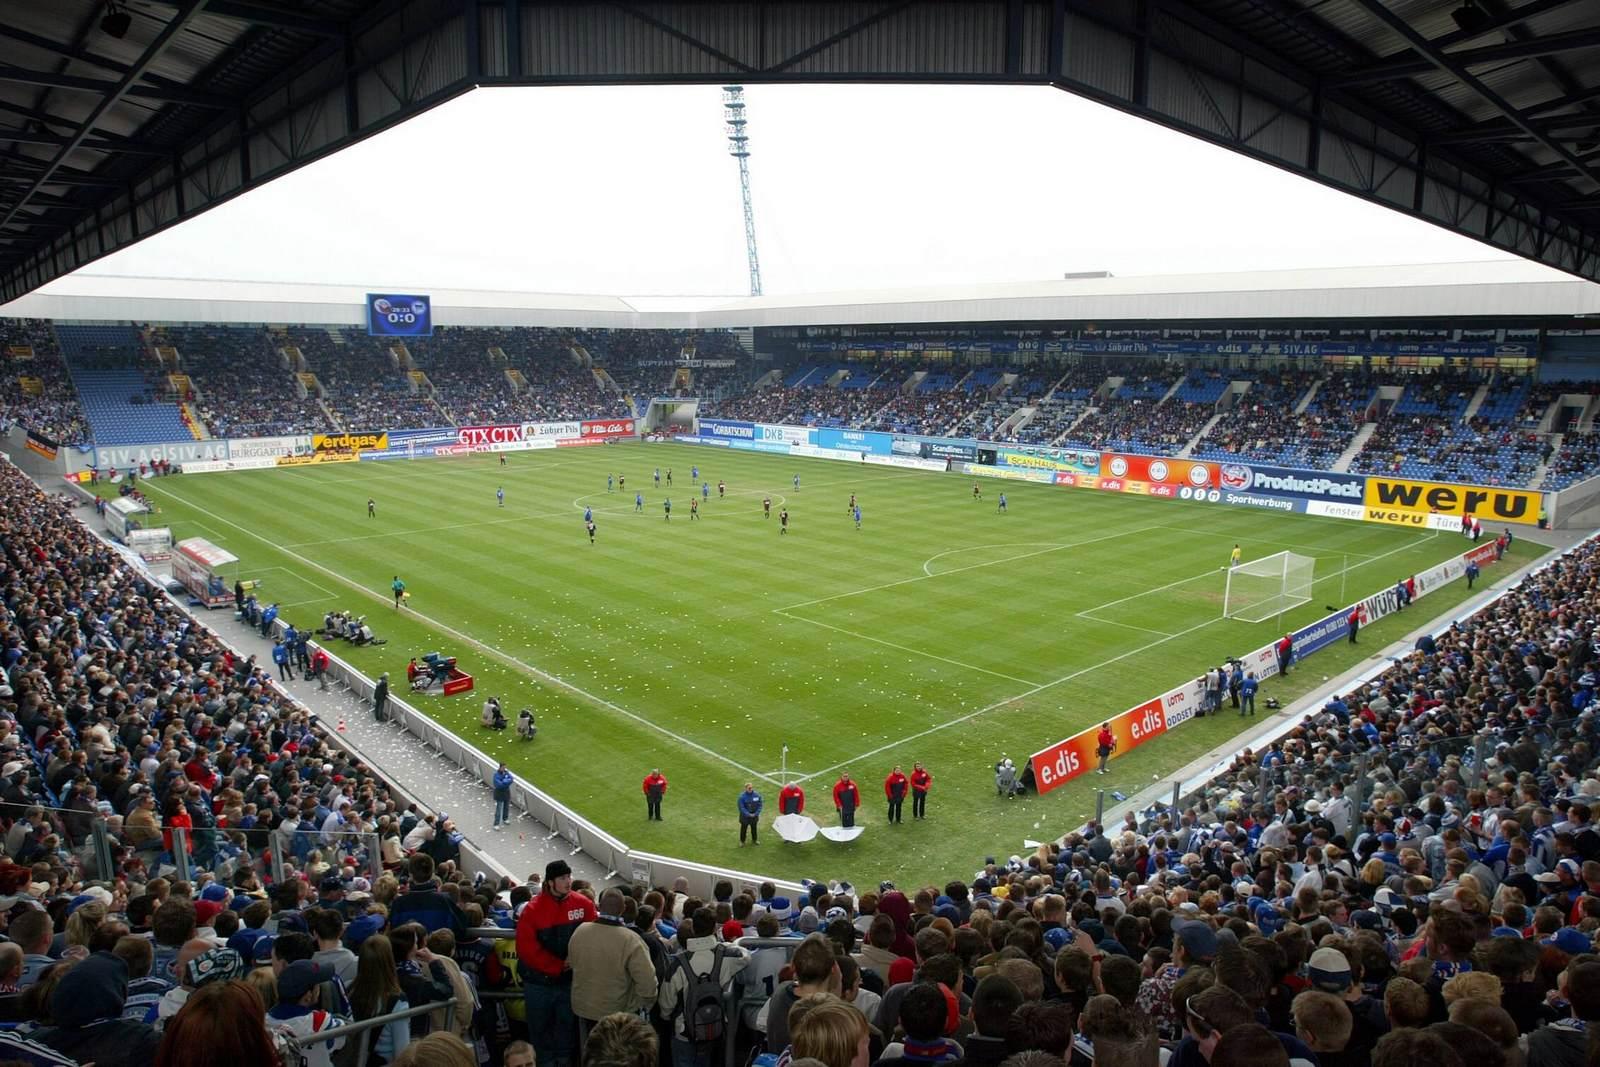 Das Ostseestadion ist die Heimspielstätte von Hansa Rostock. Alles zu Fakten und Historie der Arena.